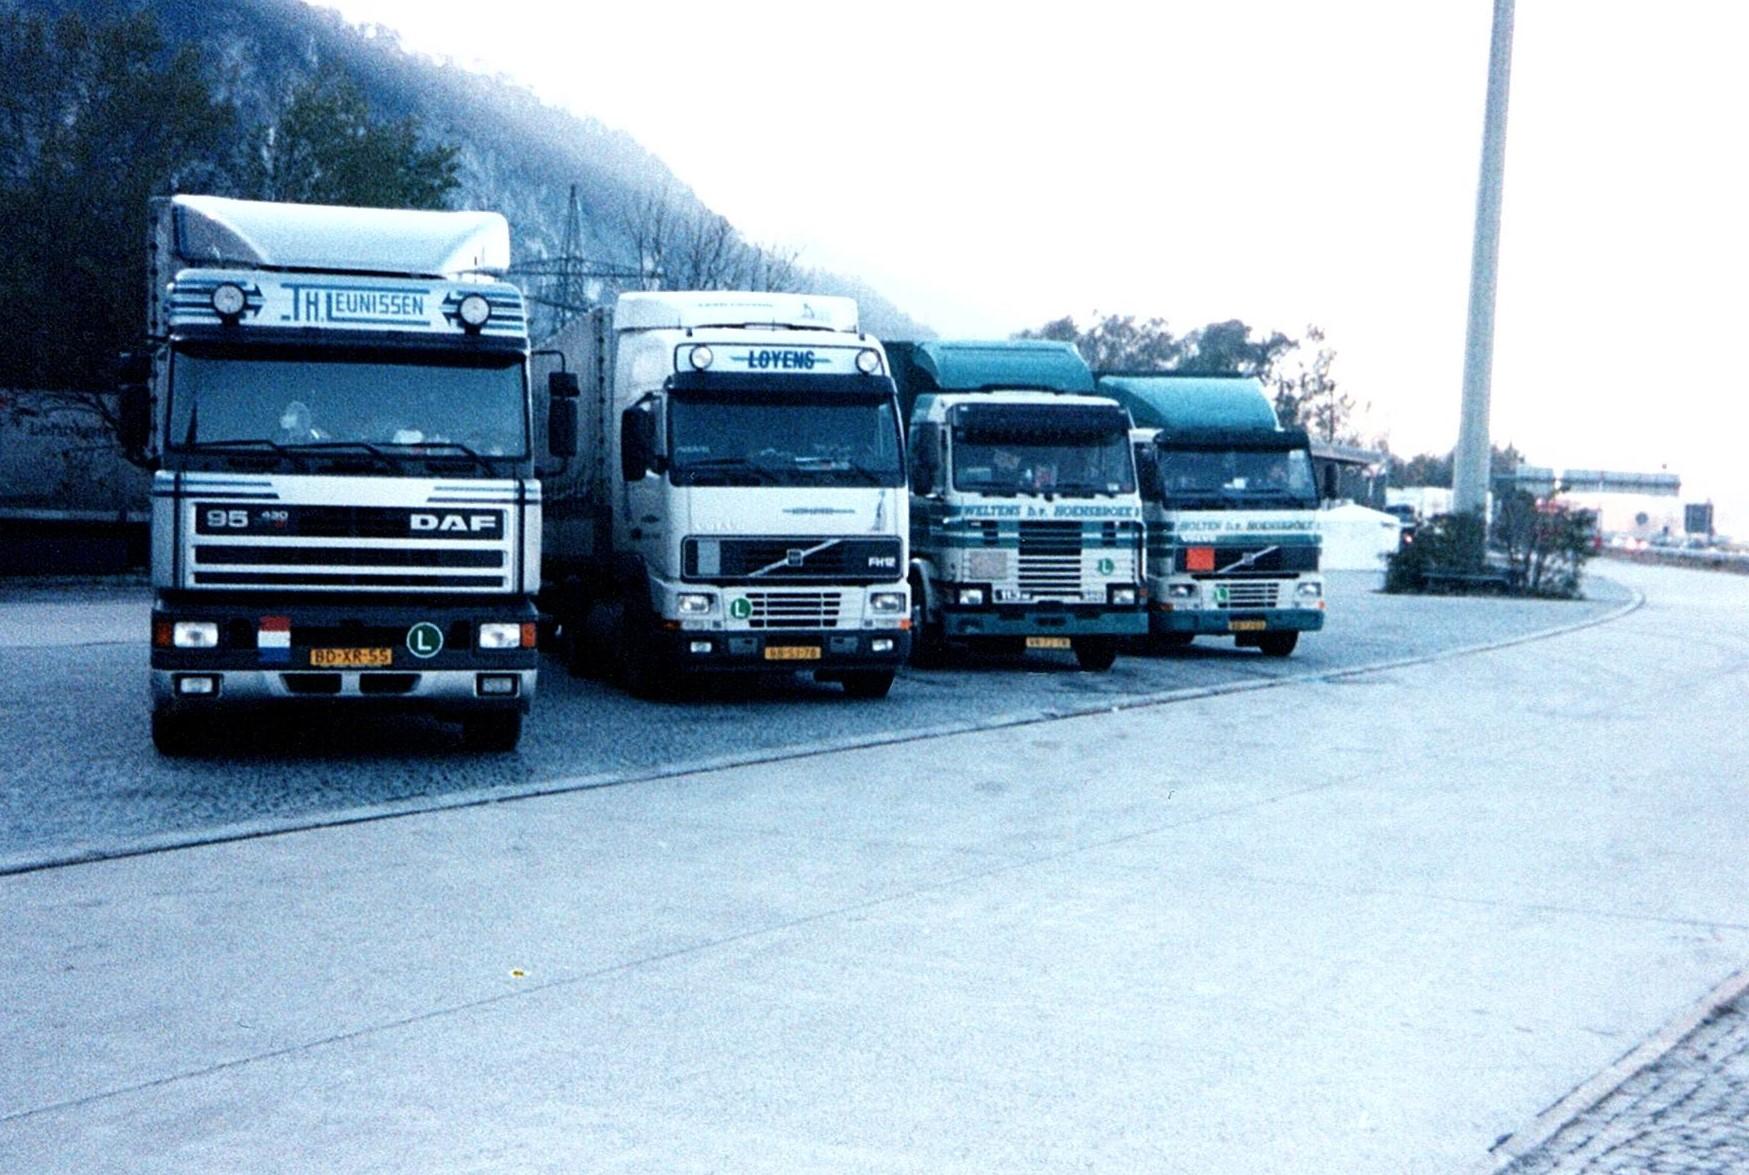 Bert-met-de-Scania-vakantie-vieren-in-Italie-48